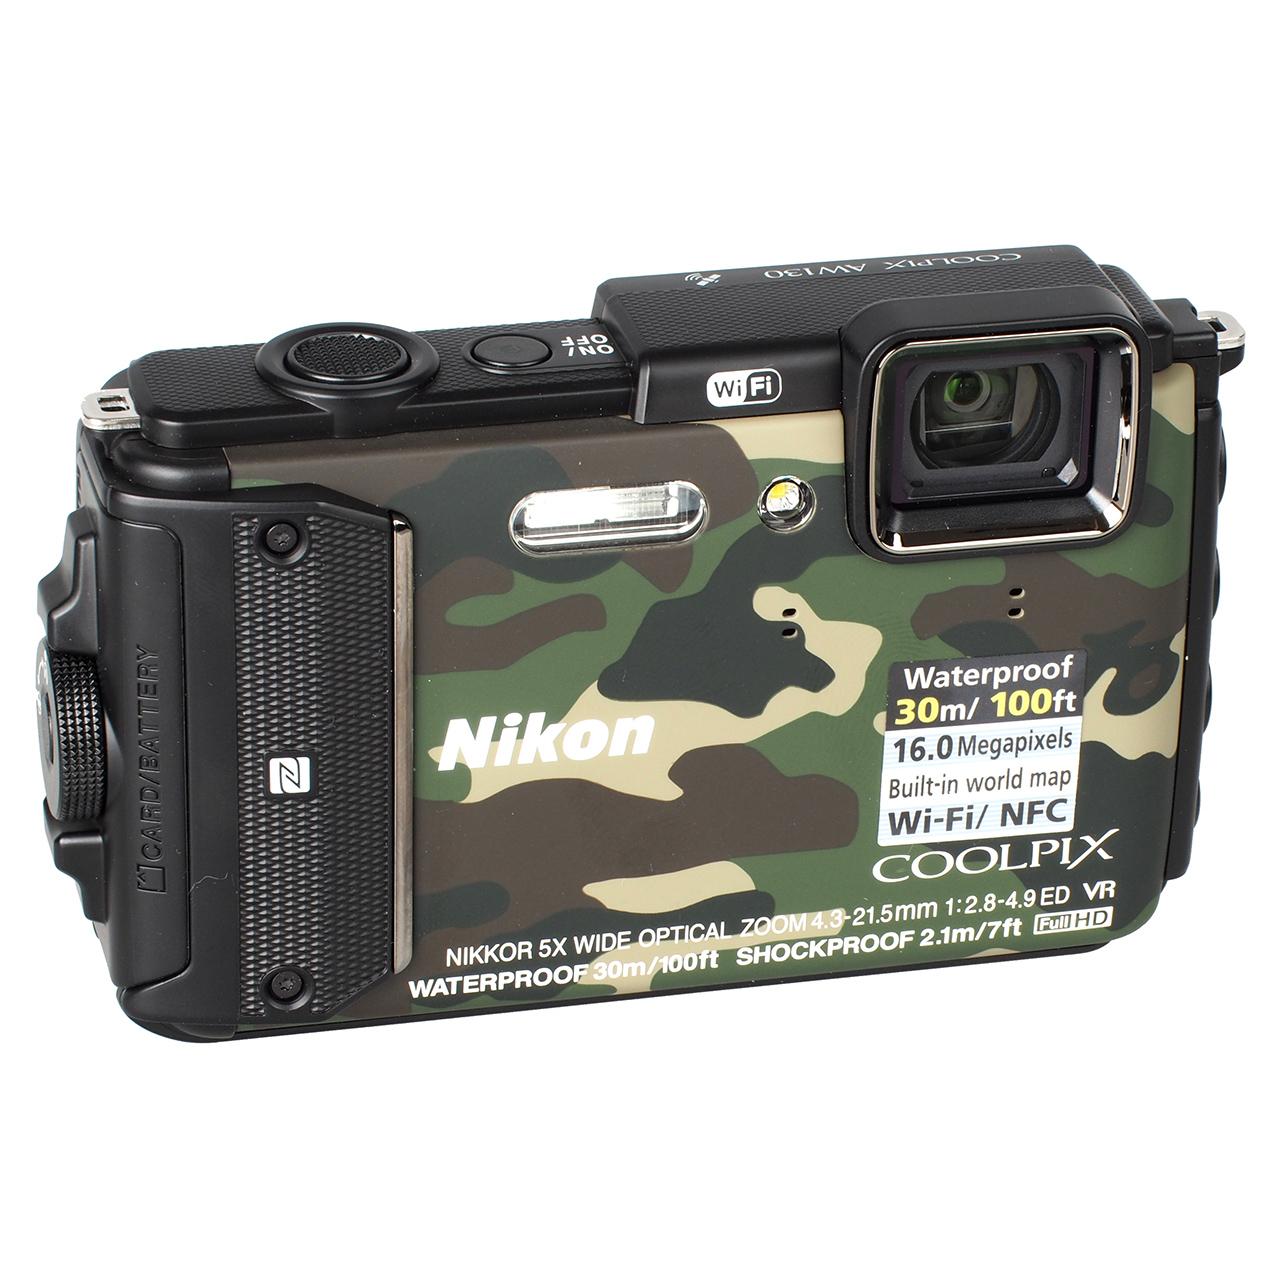 دوربین نیکون COOLPIX AW130 Waterproof